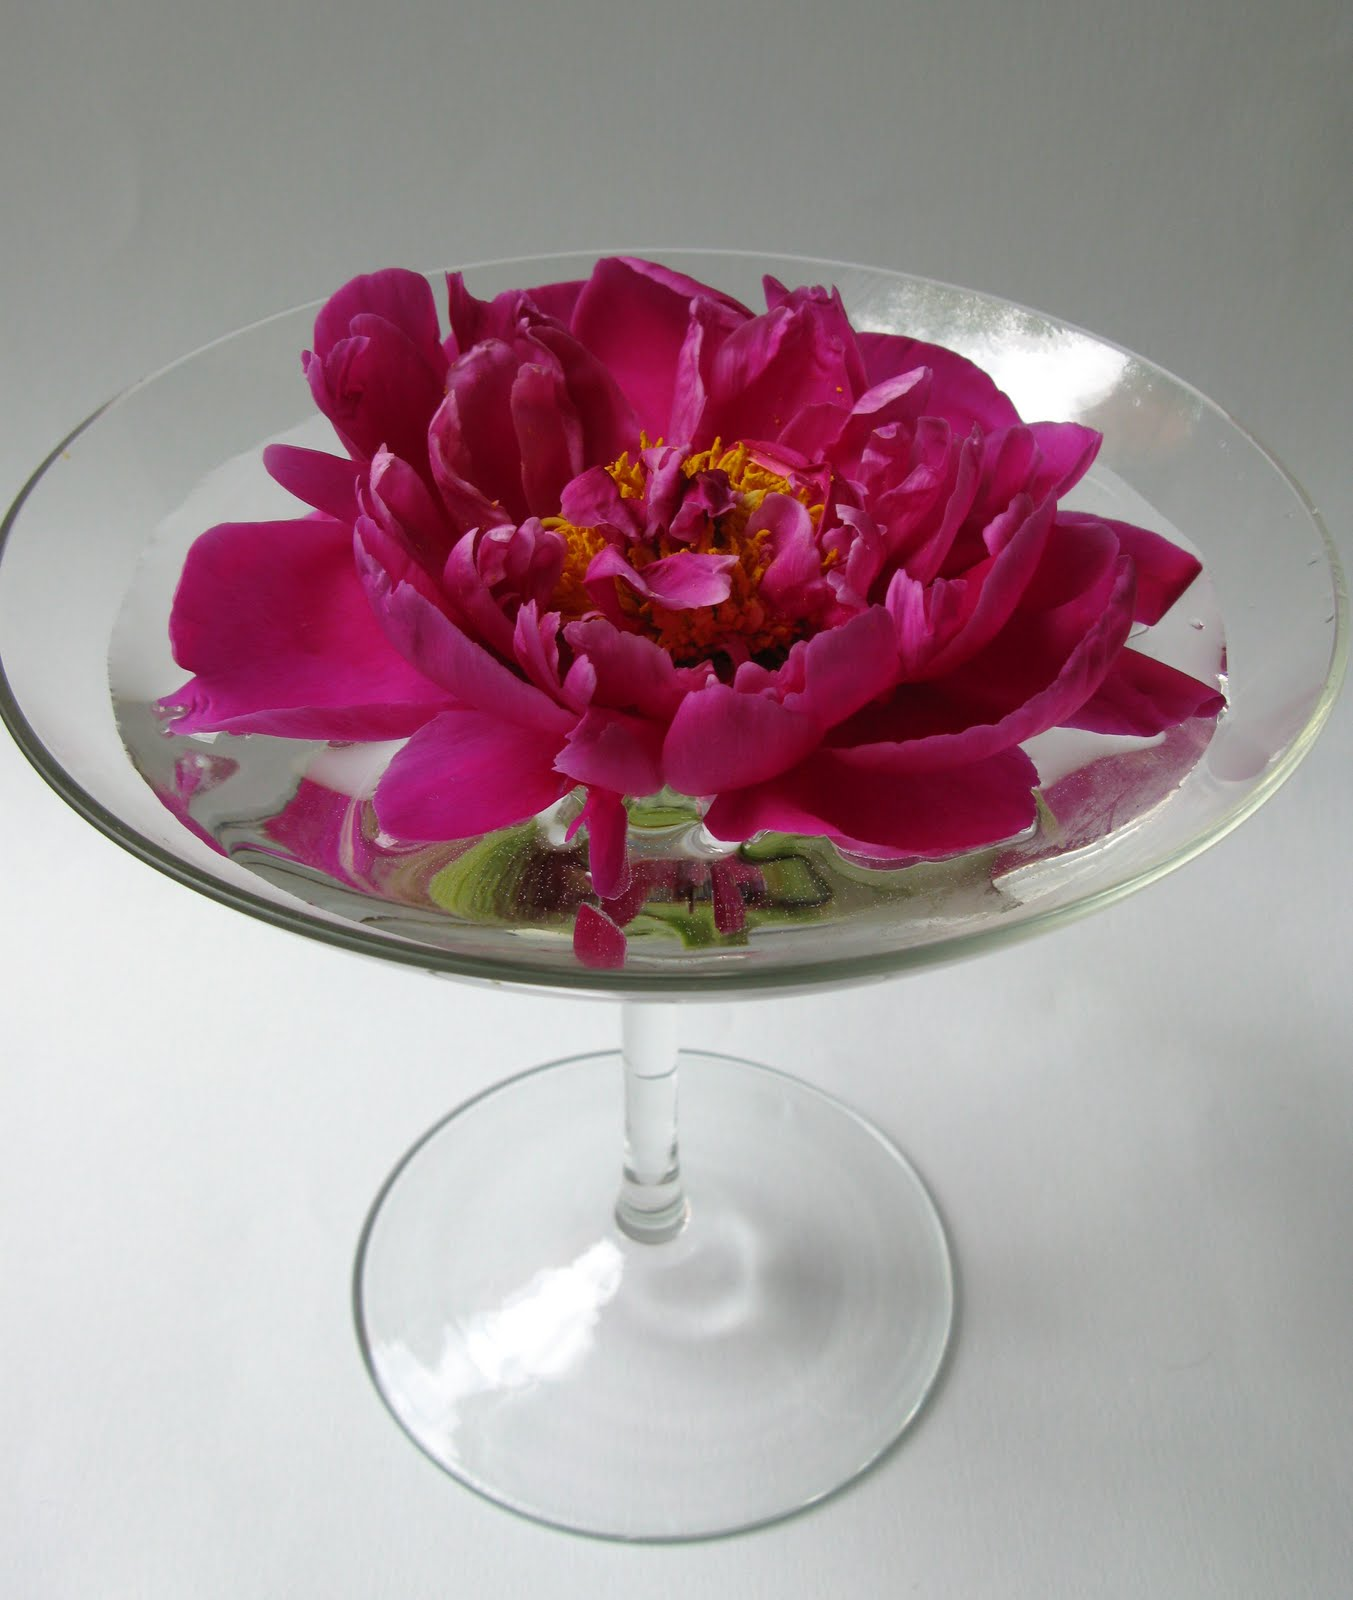 Au gr du march centre de table floral - Centre de table floral ...